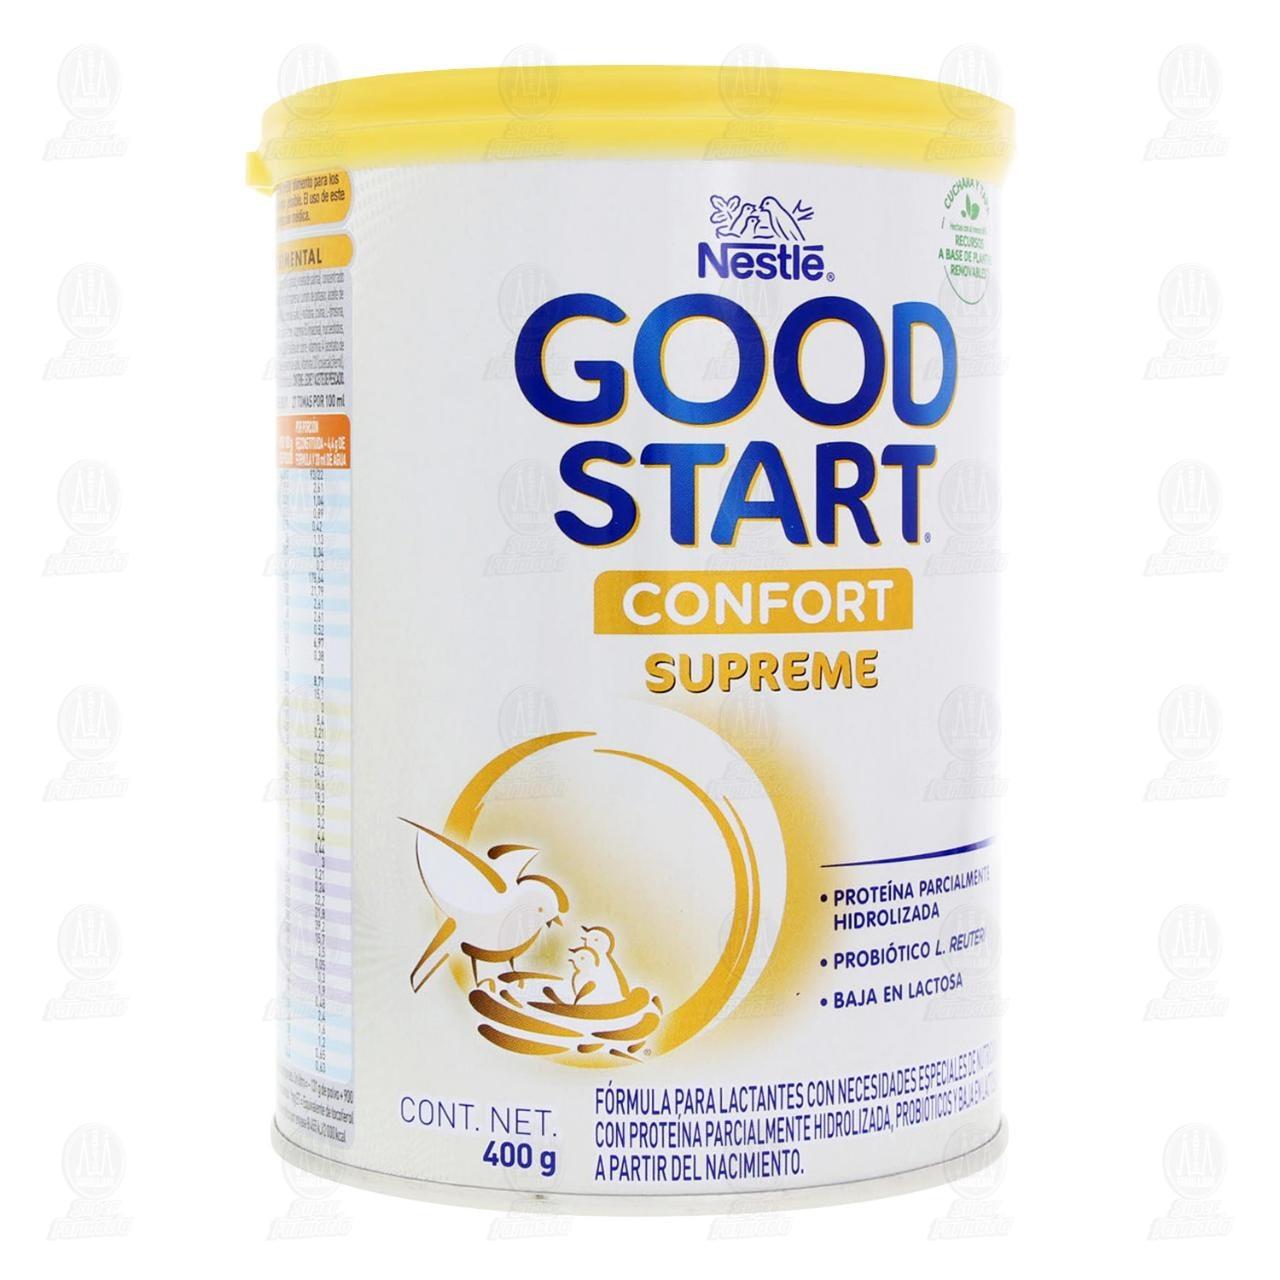 comprar https://www.movil.farmaciasguadalajara.com/wcsstore/FGCAS/wcs/products/1189140_A_1280_AL.jpg en farmacias guadalajara